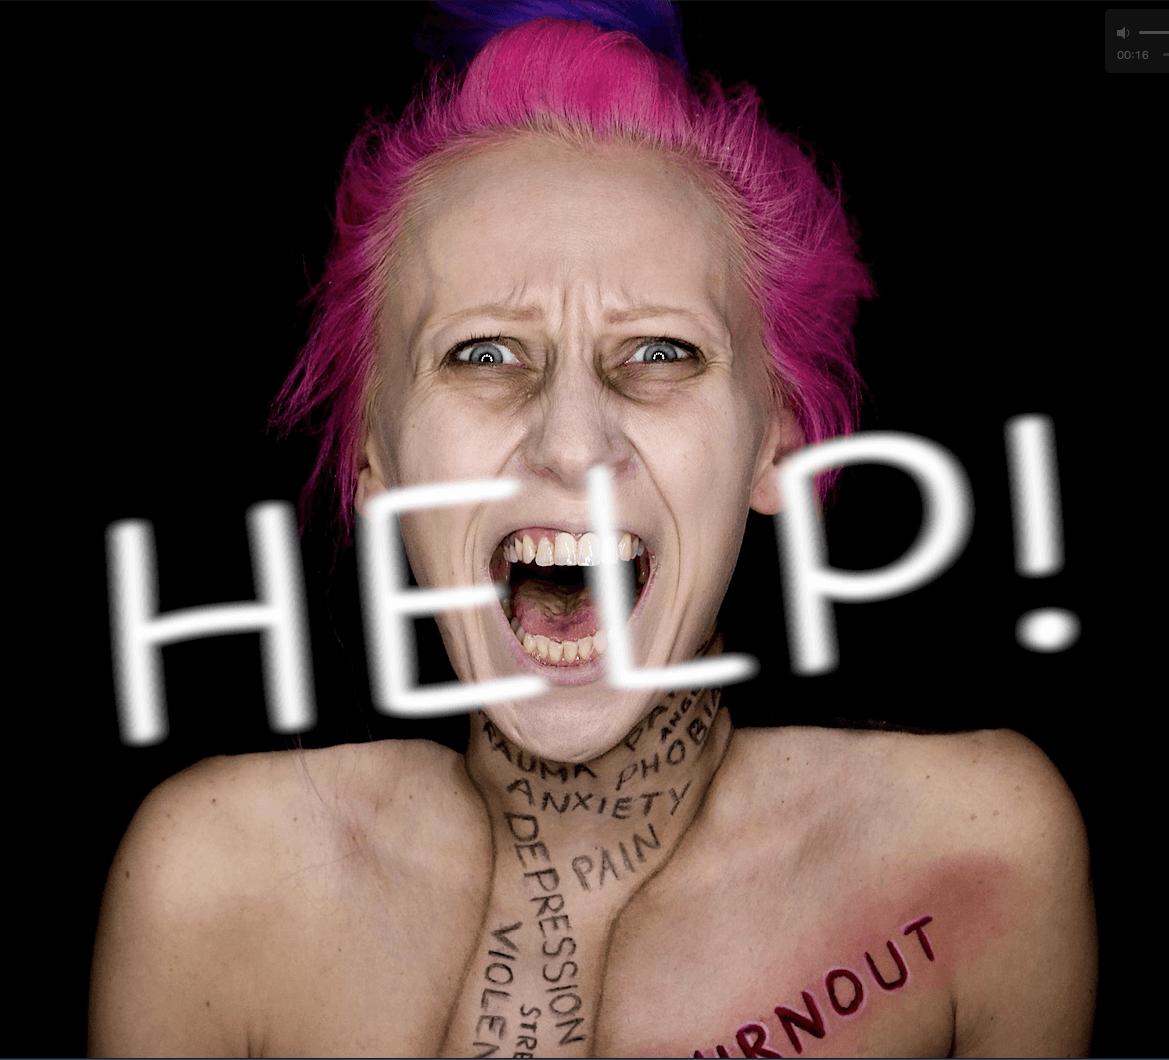 Hilfe! Mir geht es schlecht! Ich brauche Hilfe! Hypnose kann schnell und nachhaltig helfen!